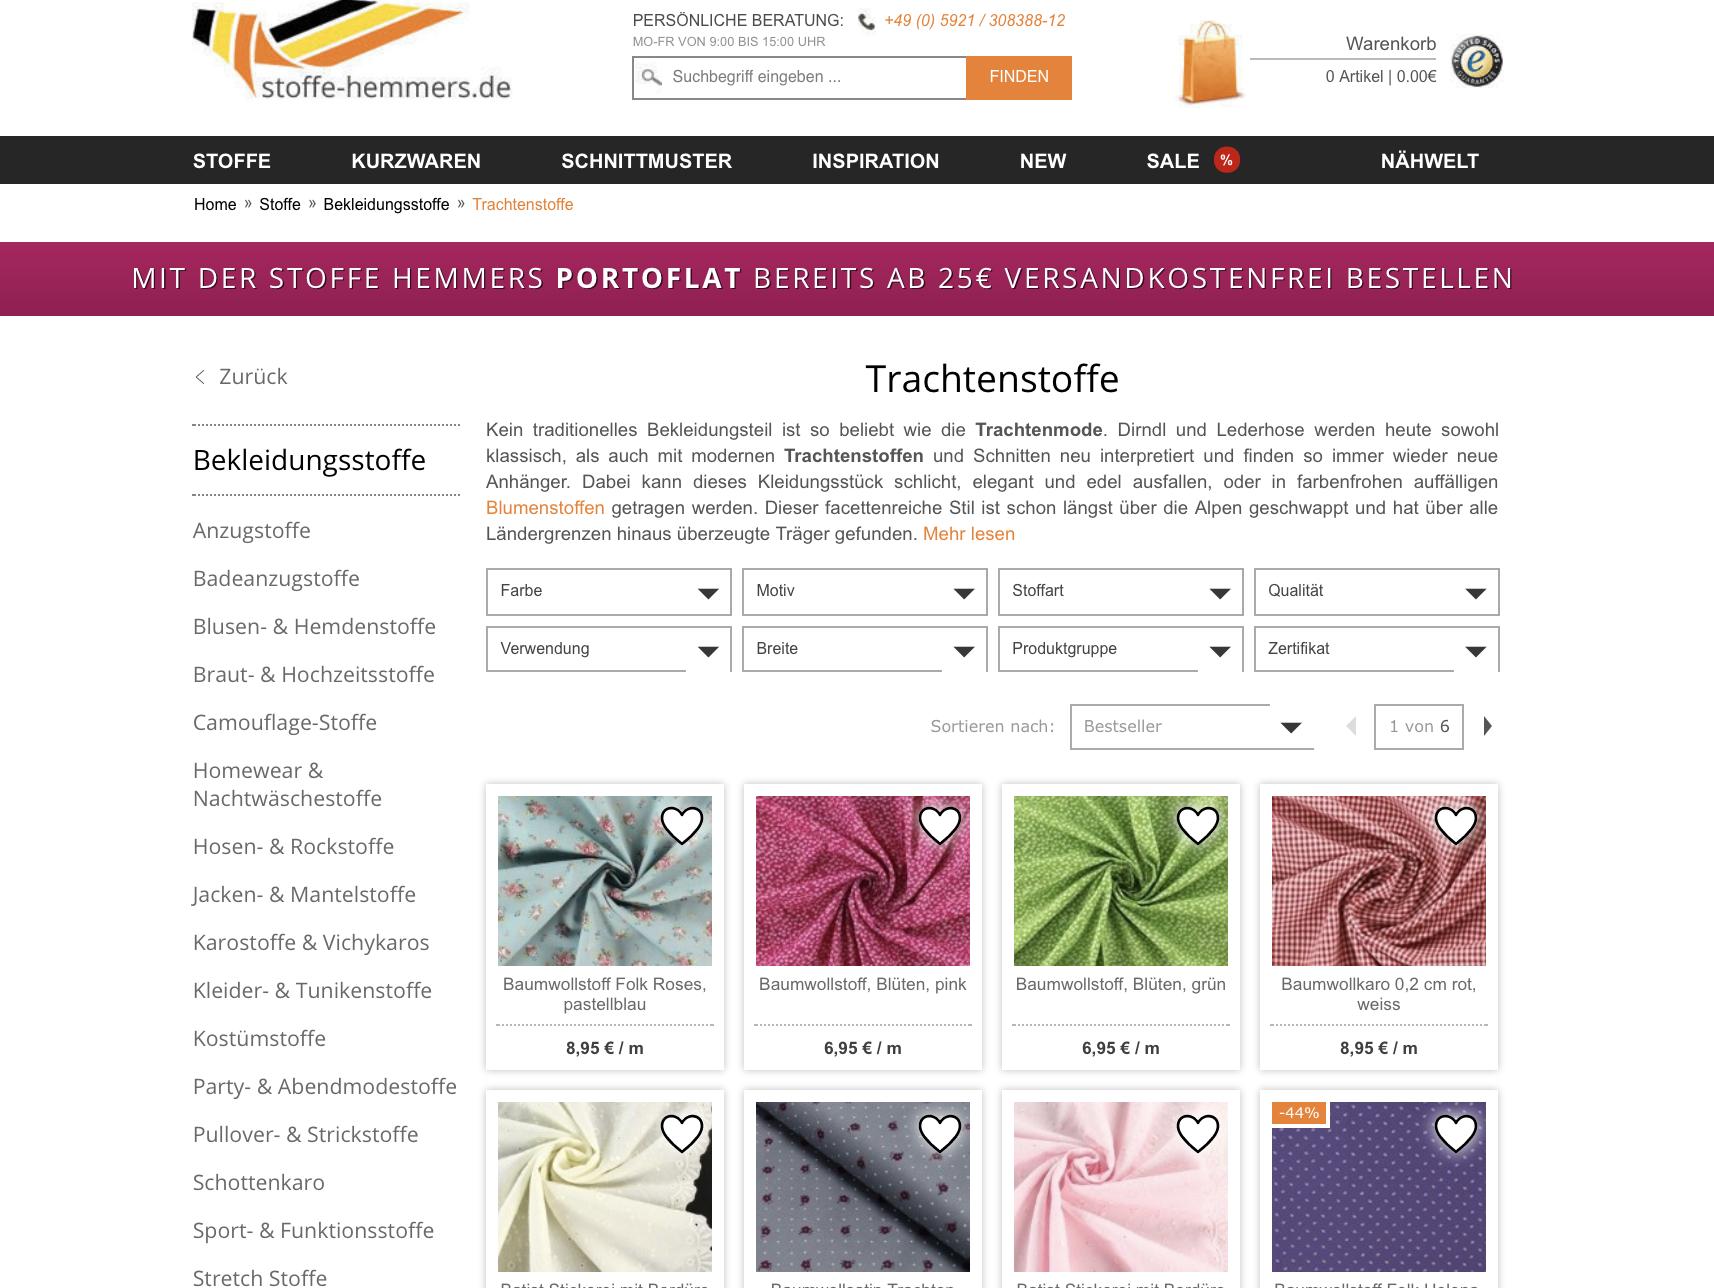 trachtenstoffe online kaufen bersicht online shops dirndlschleifchen. Black Bedroom Furniture Sets. Home Design Ideas